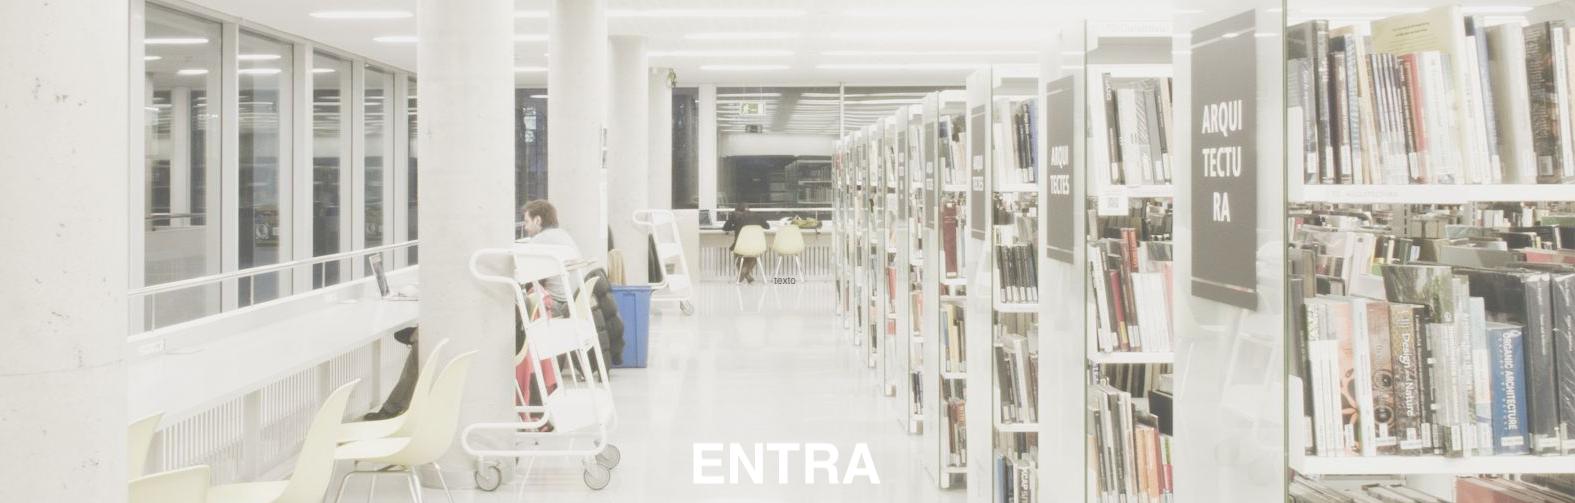 en_biblioteca.png